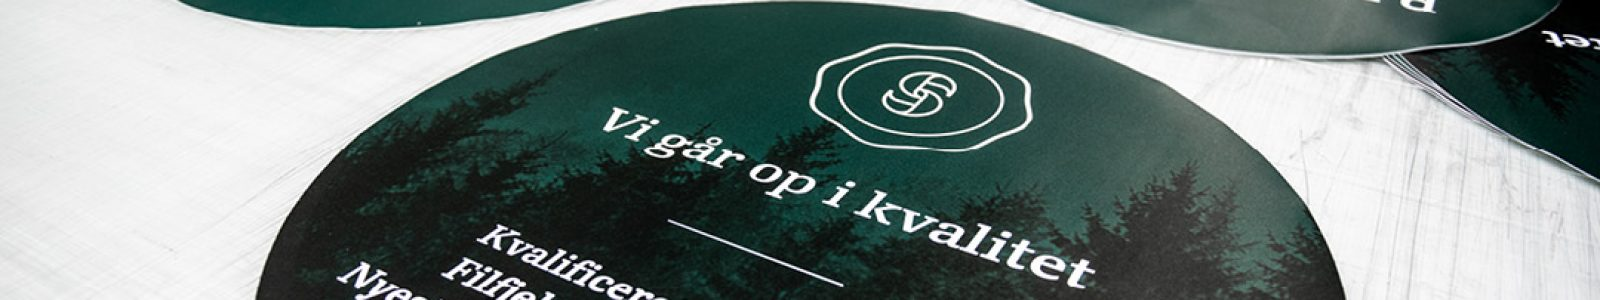 Strandbygaard trykkeri viser udskæringer der kan f.eks. kan bruges til f.eks. skilte